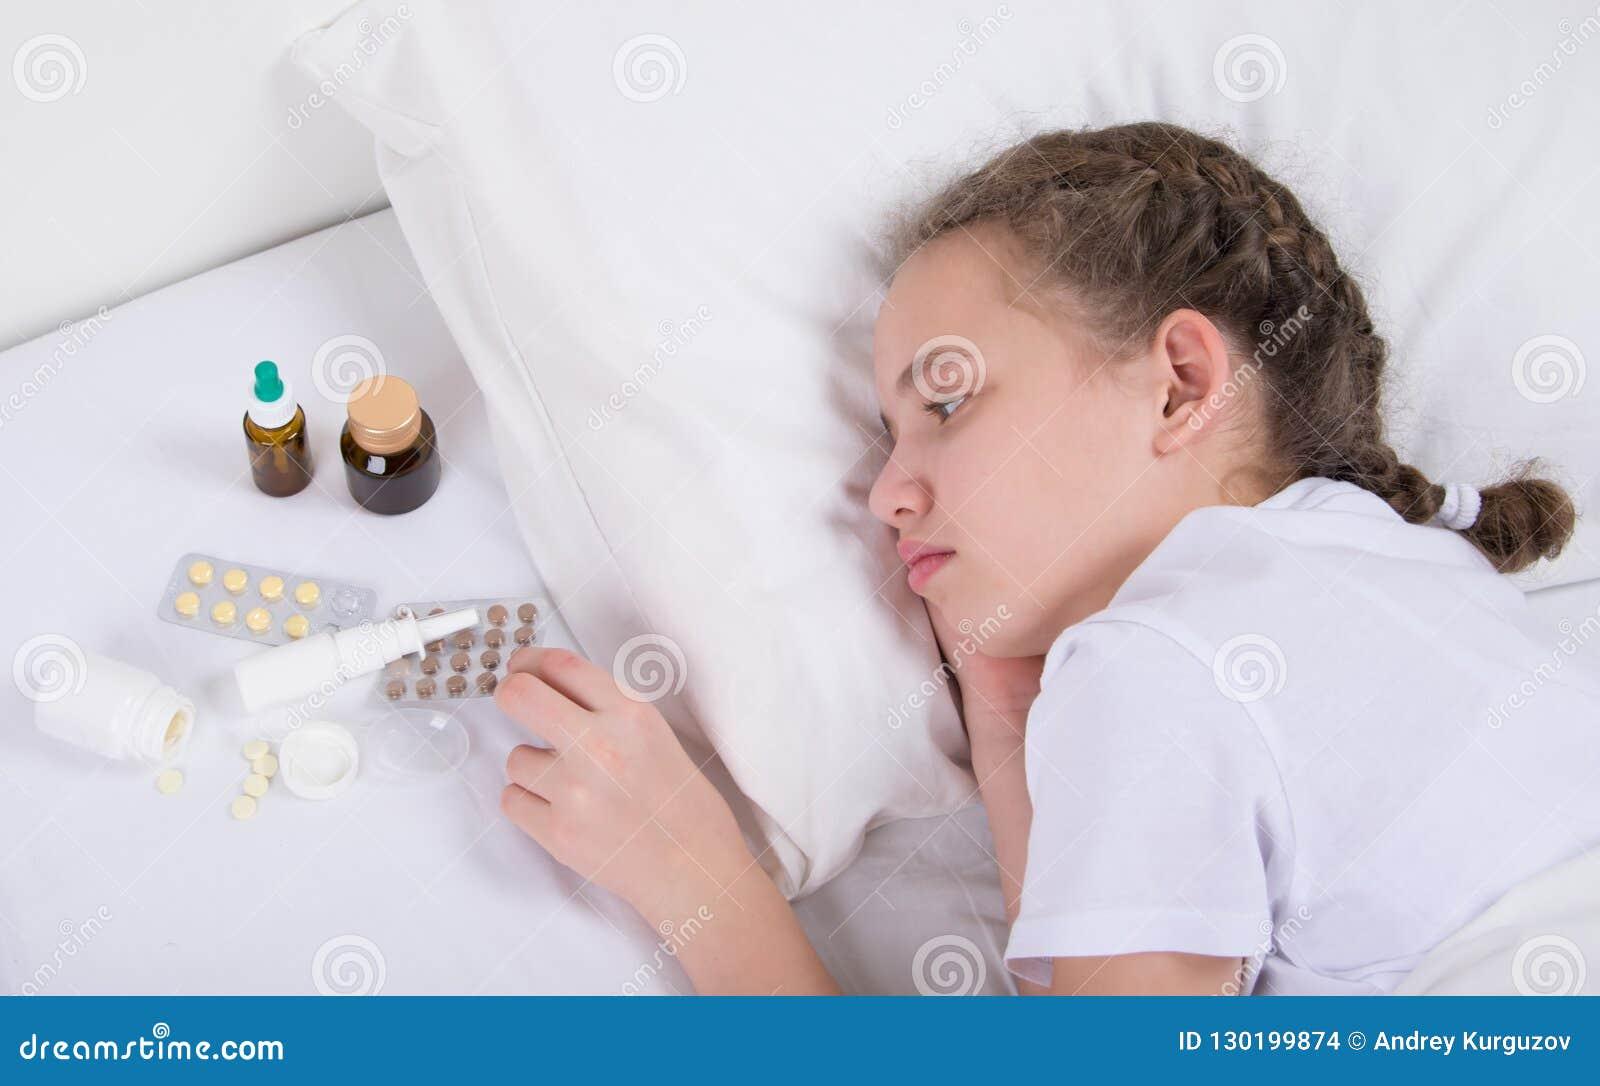 Mädchen, das krank ist und im Bett, nahe einem Satz Pillen und mextures liegt